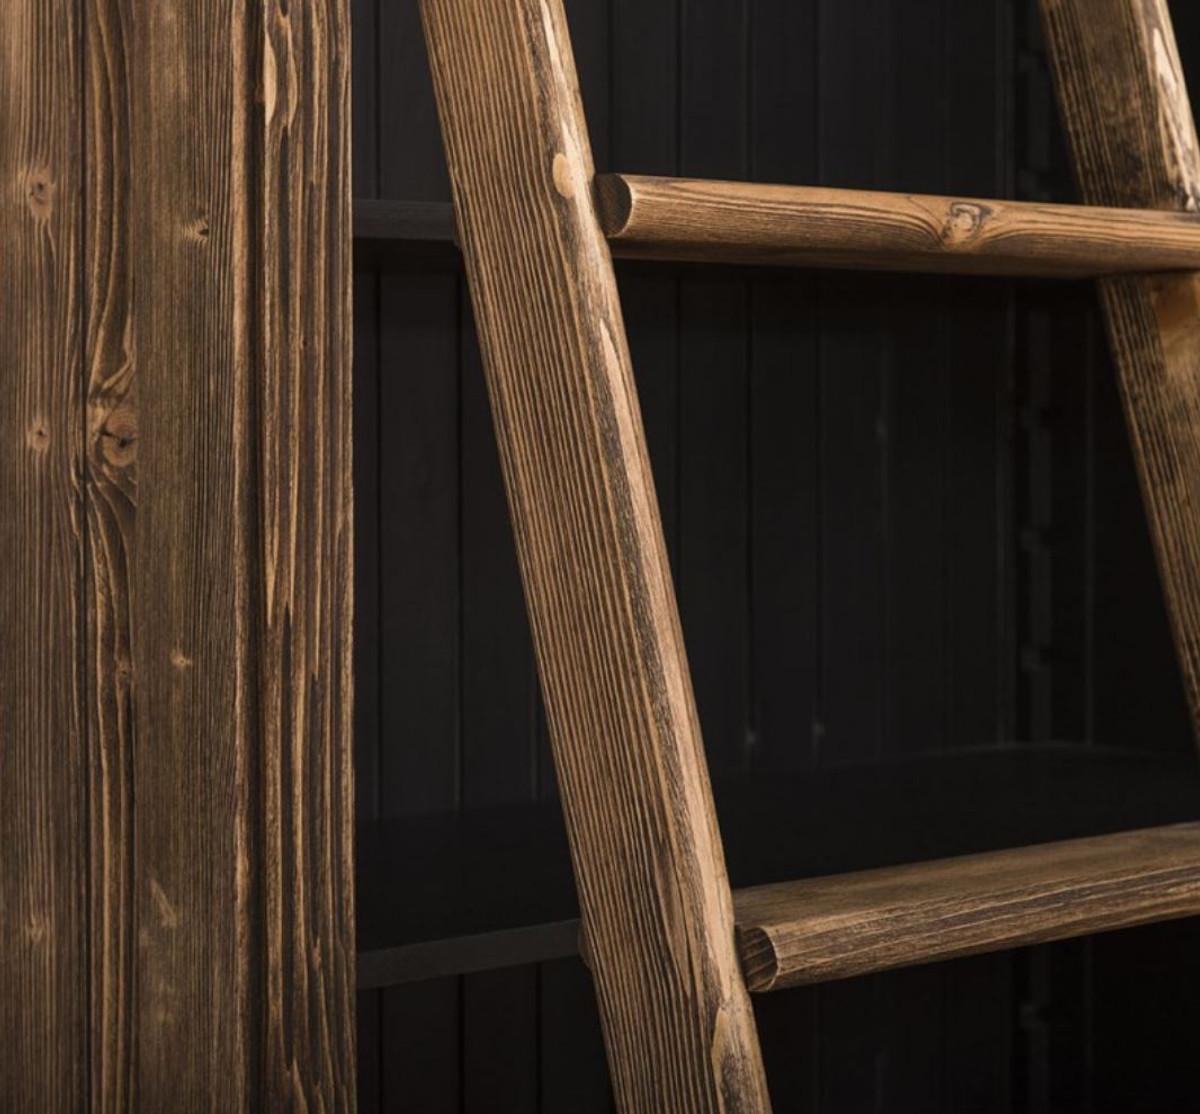 Casa Padrino Landhausstil Bücherschrank mit Leiter Braun / Schwarz 120 x 51 x H. 228 cm - Massivholz Schrank - Regalschrank - Wohnzimmerschrank - Büroschrank - Landhausstil Möbel 4